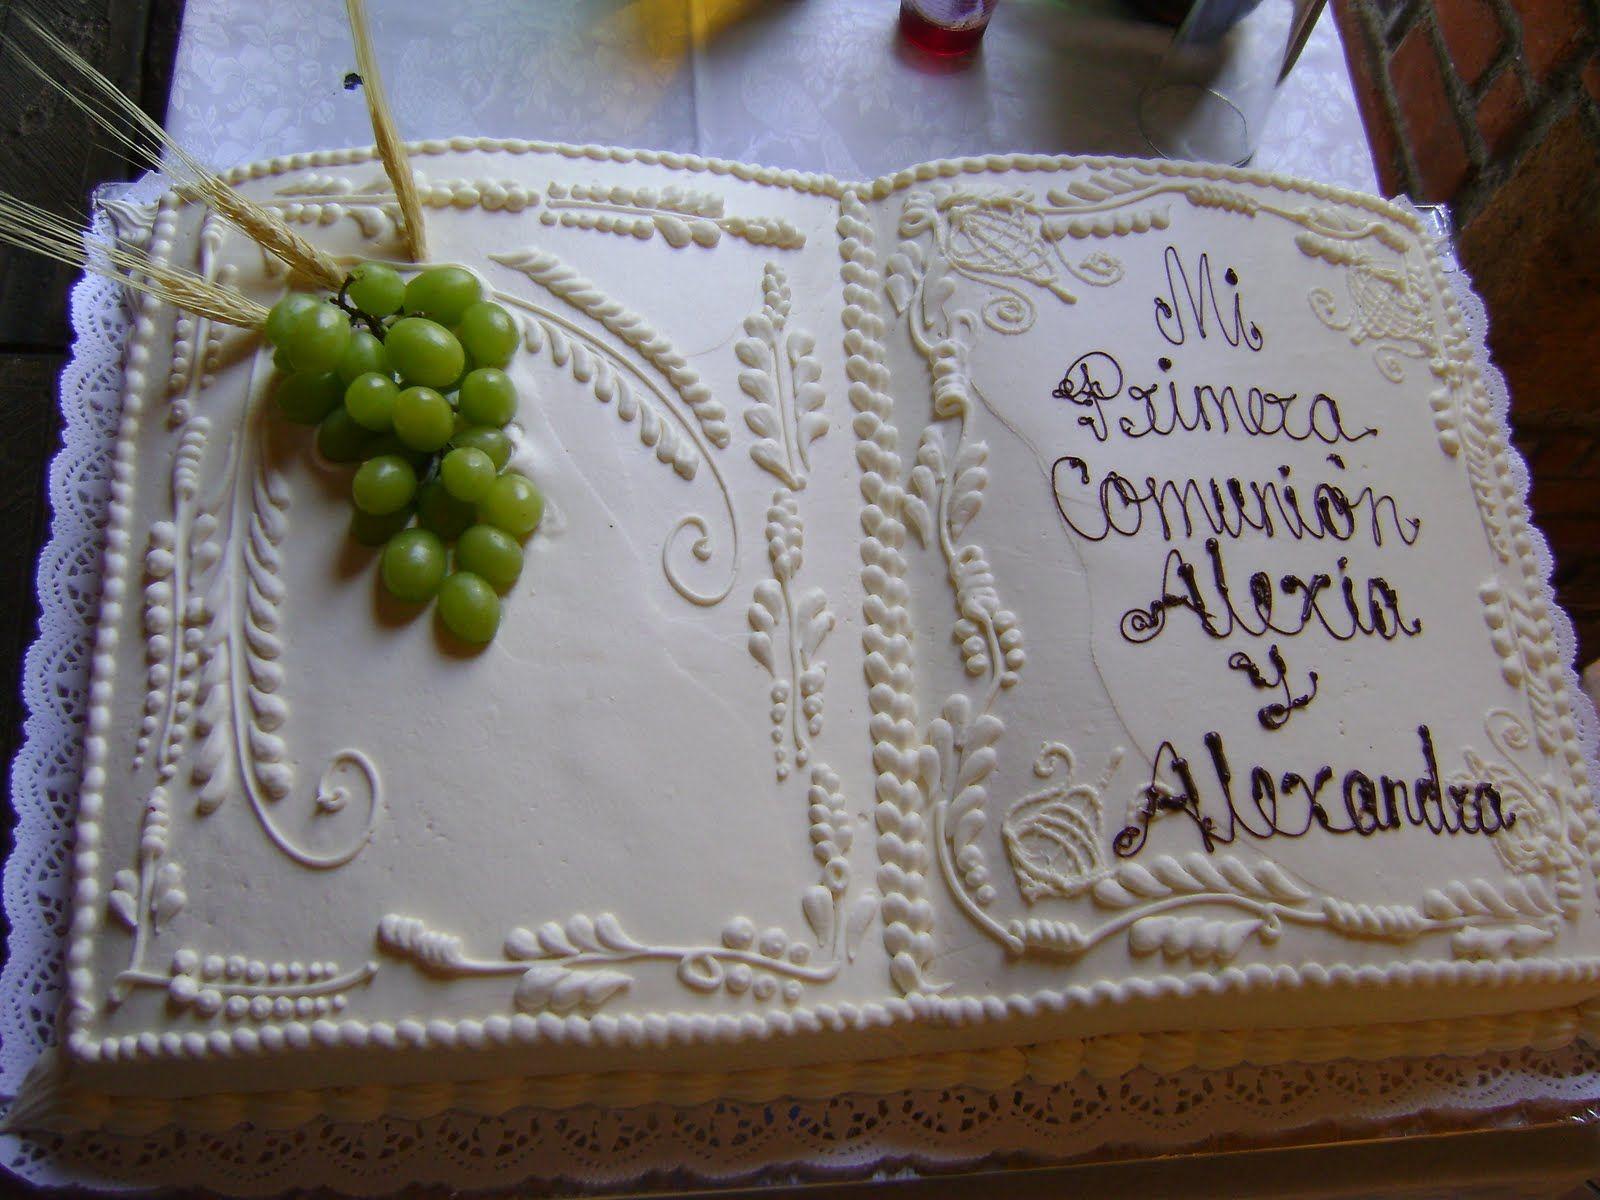 Pastel de primera comunion religious inspired cakes - Como decorar una fiesta de comunion ...